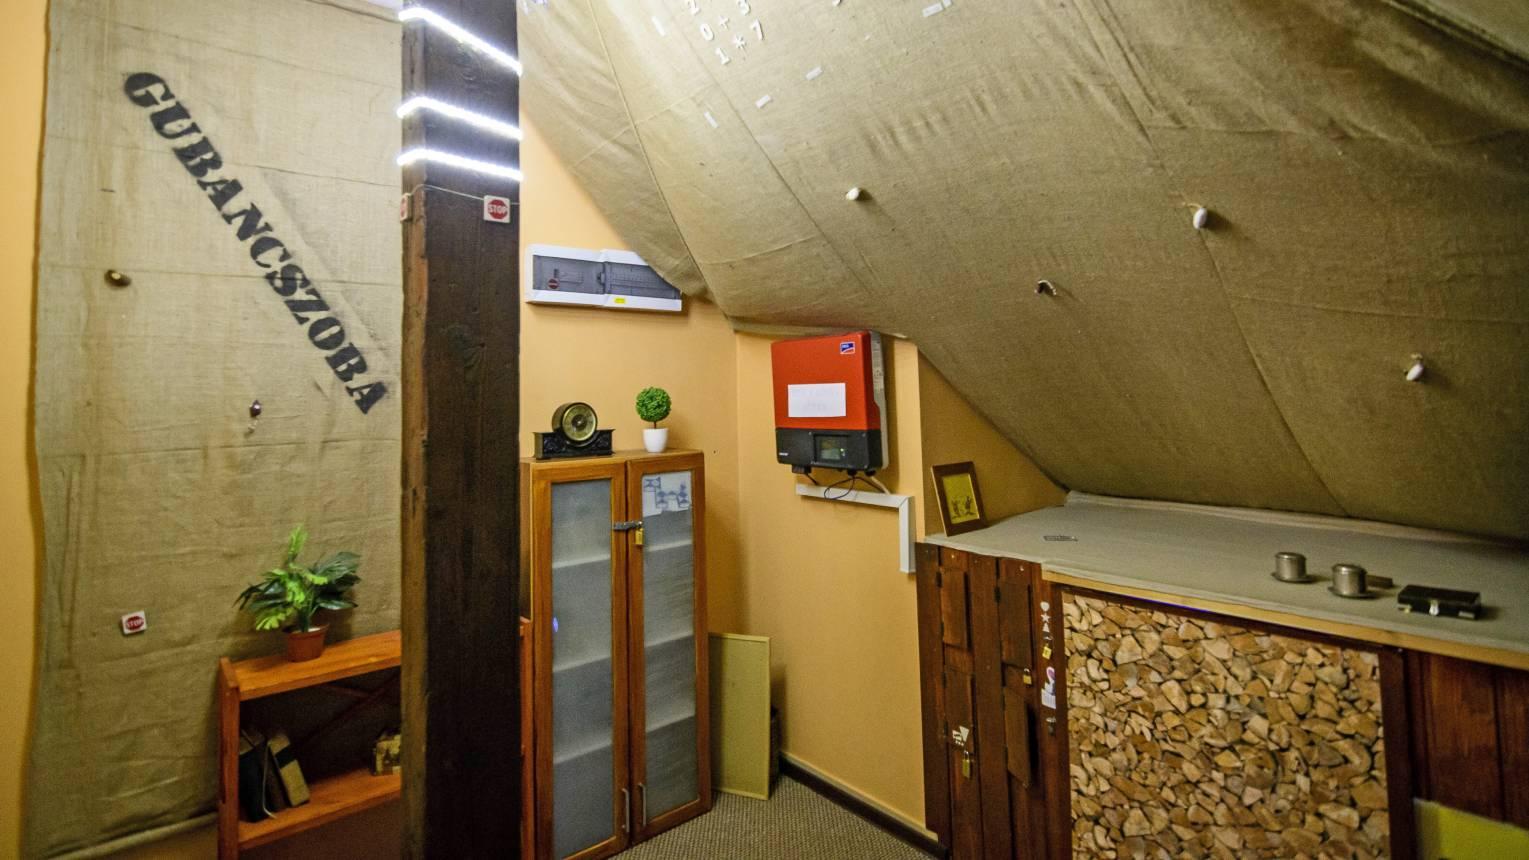 Sajtgubanc szabadulószoba Dunaharasztiban